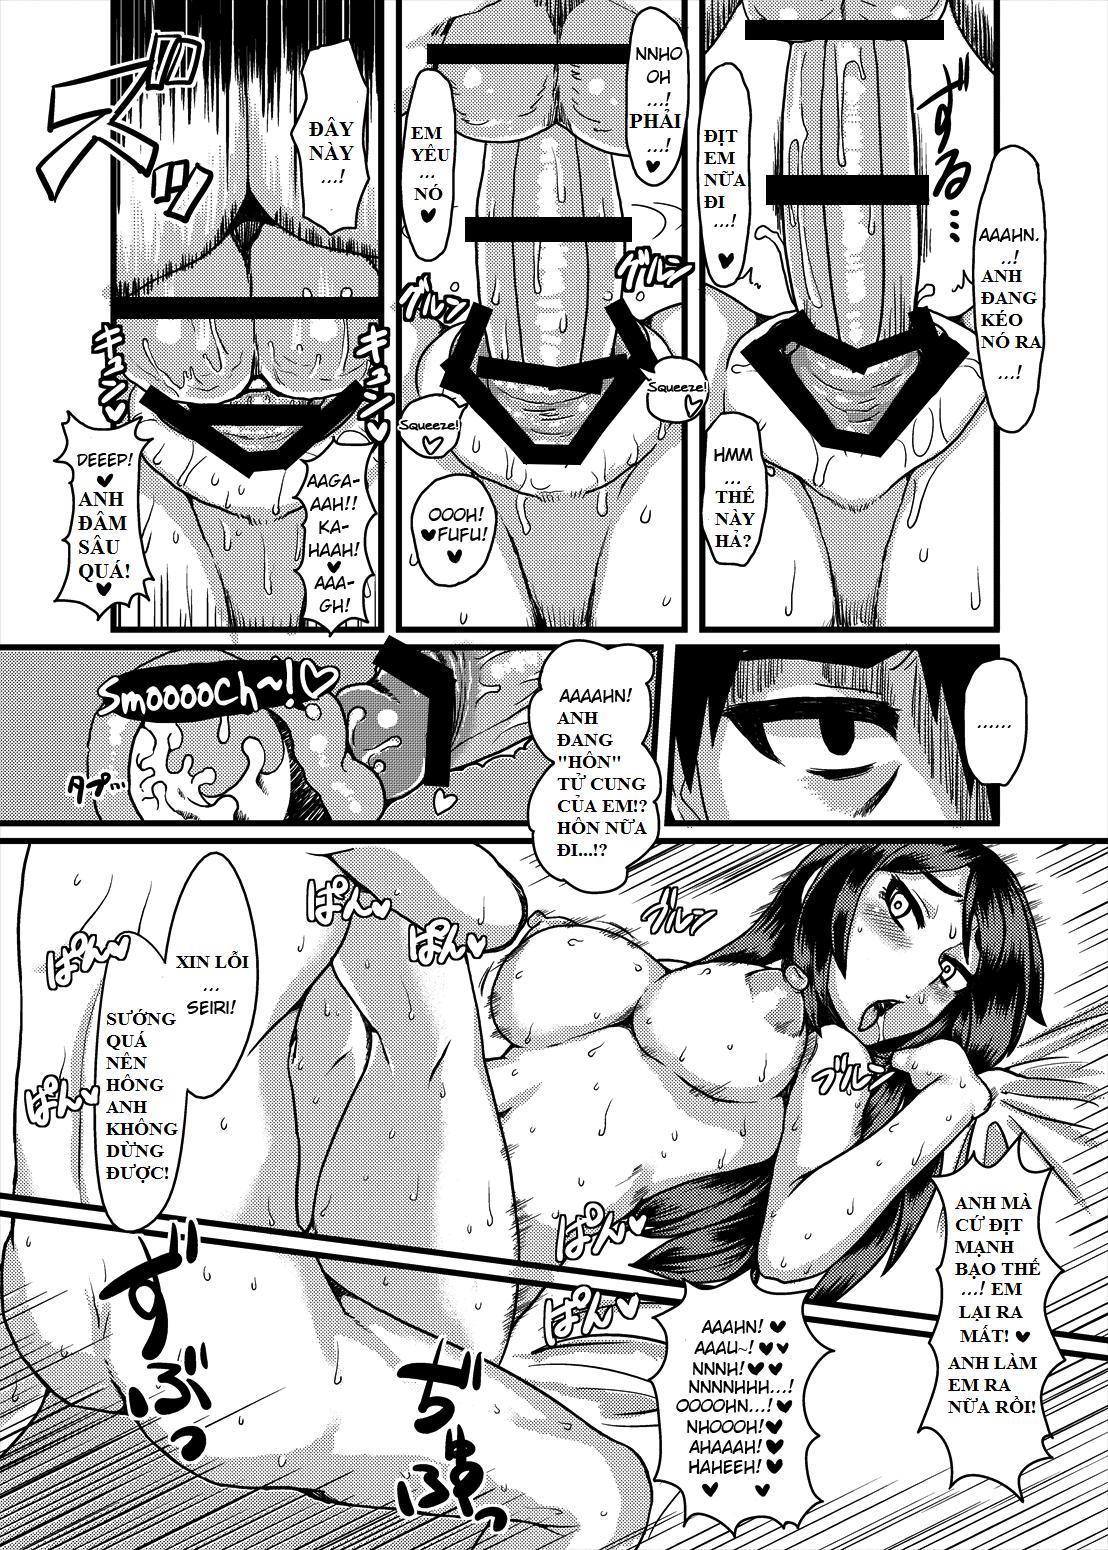 HentaiVN.net - Ảnh 8 - NIKUYOSE (Toaru Majutsu no Index) - Chap 2